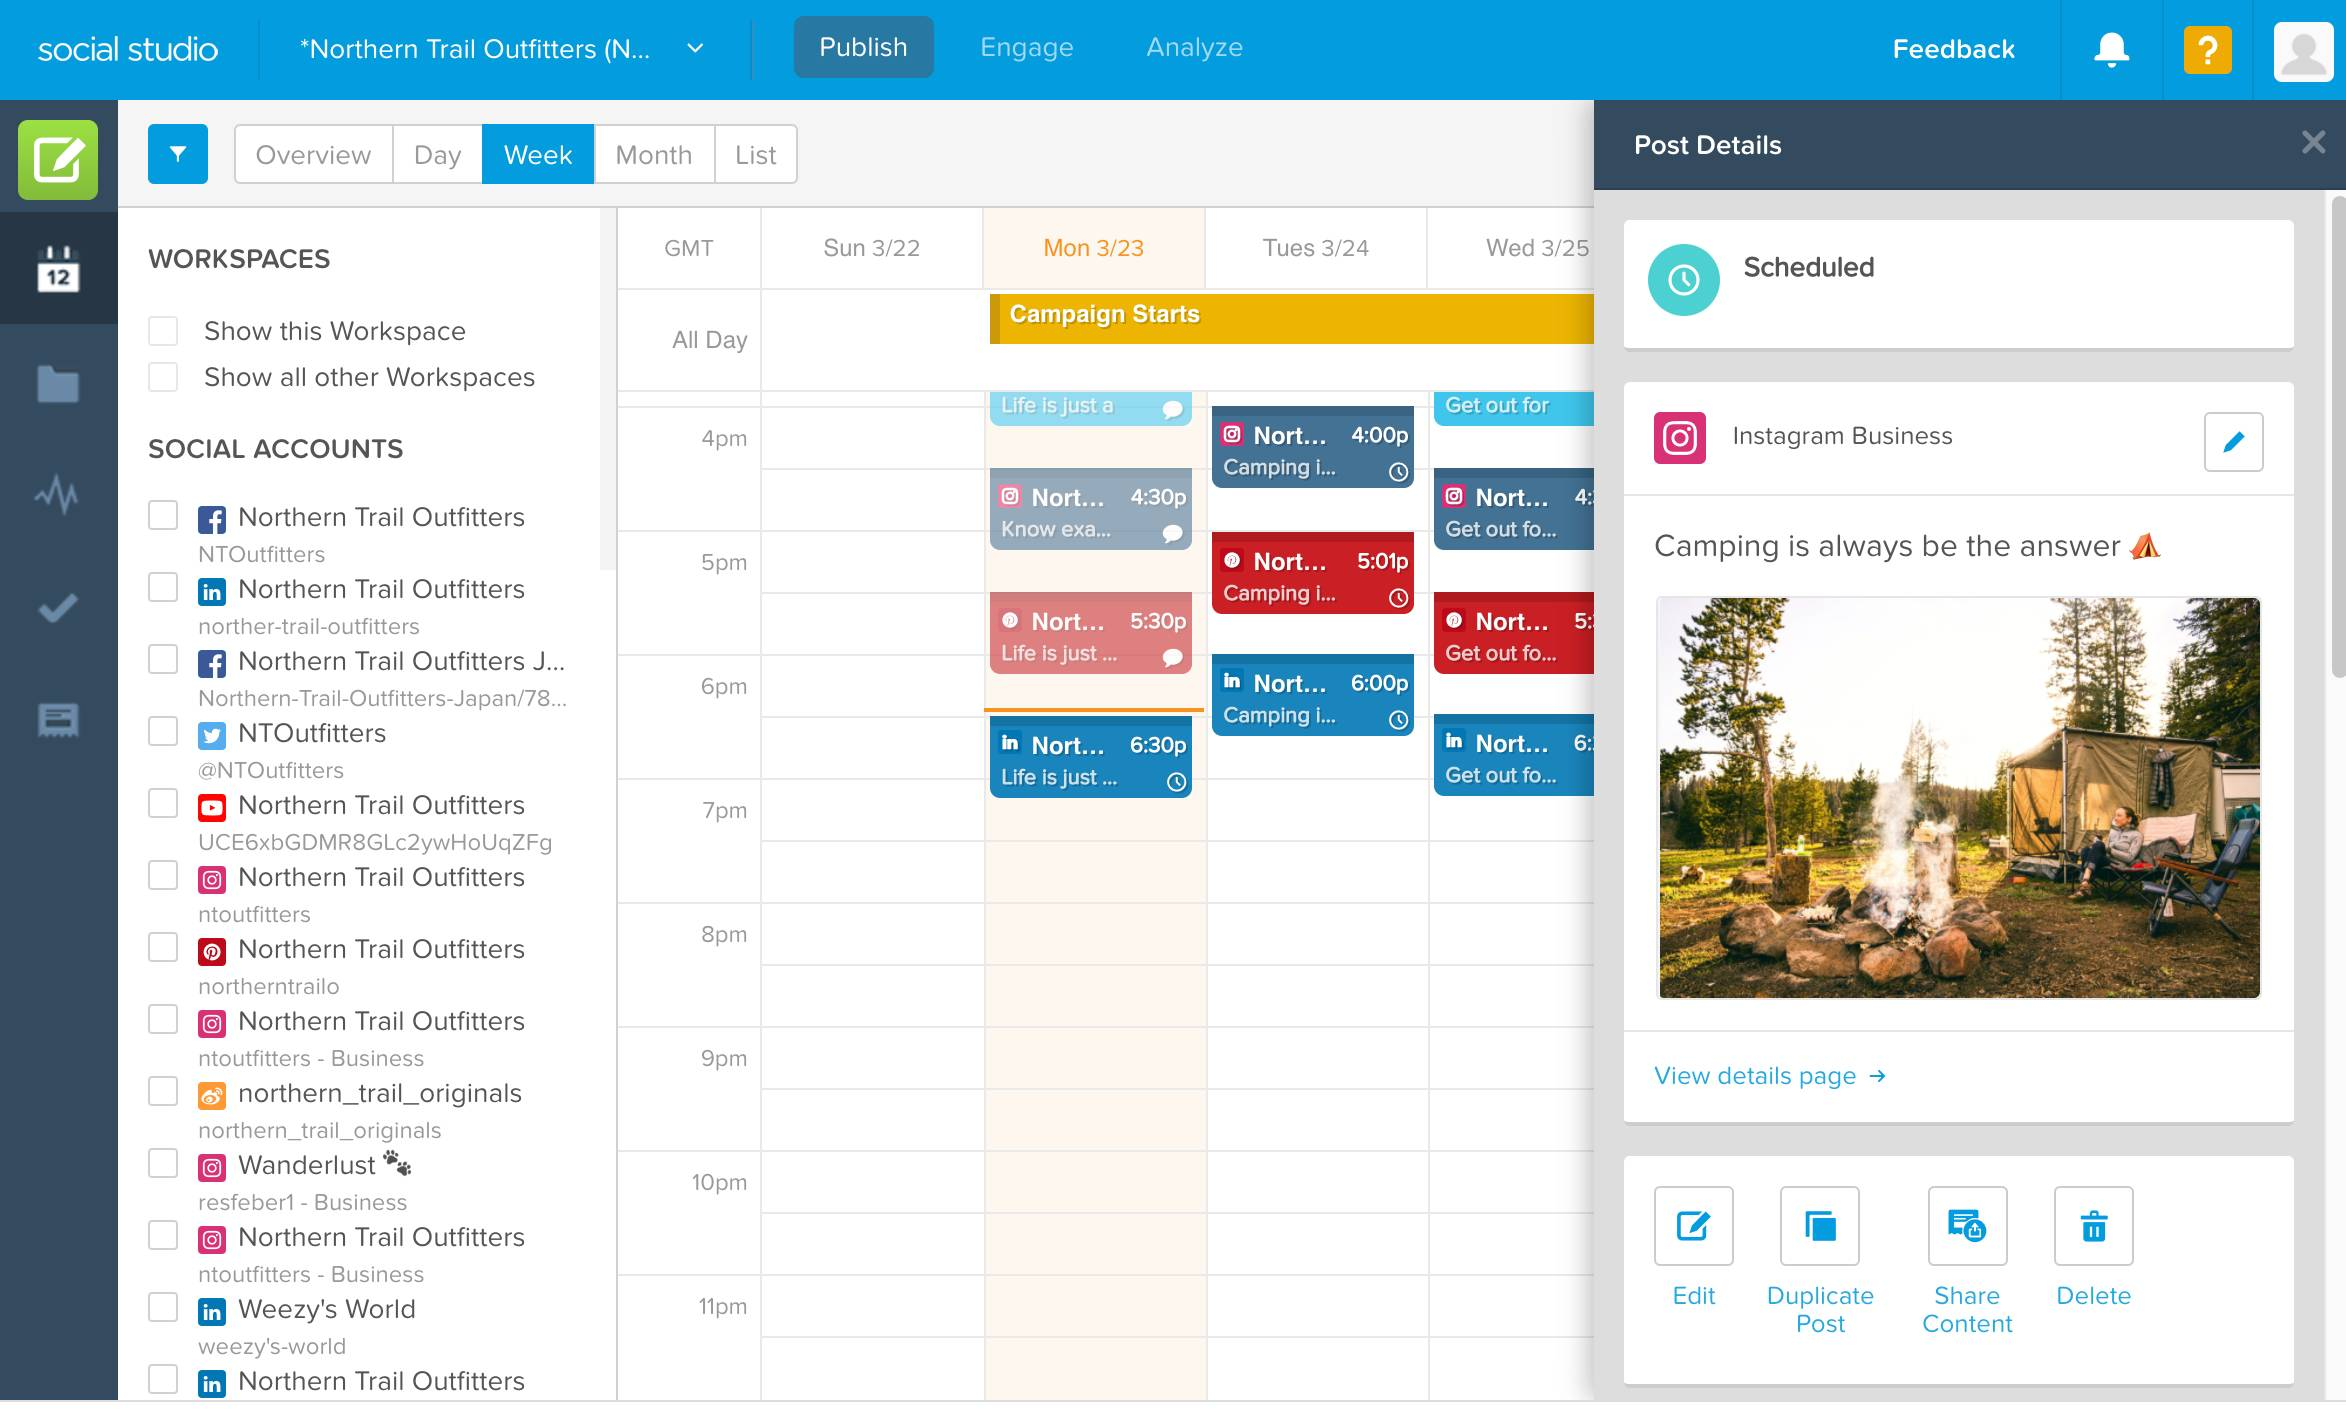 L'interface Publier de SocialStudio avec une publication de NorthernTrailsOutfitters au sujet du camping